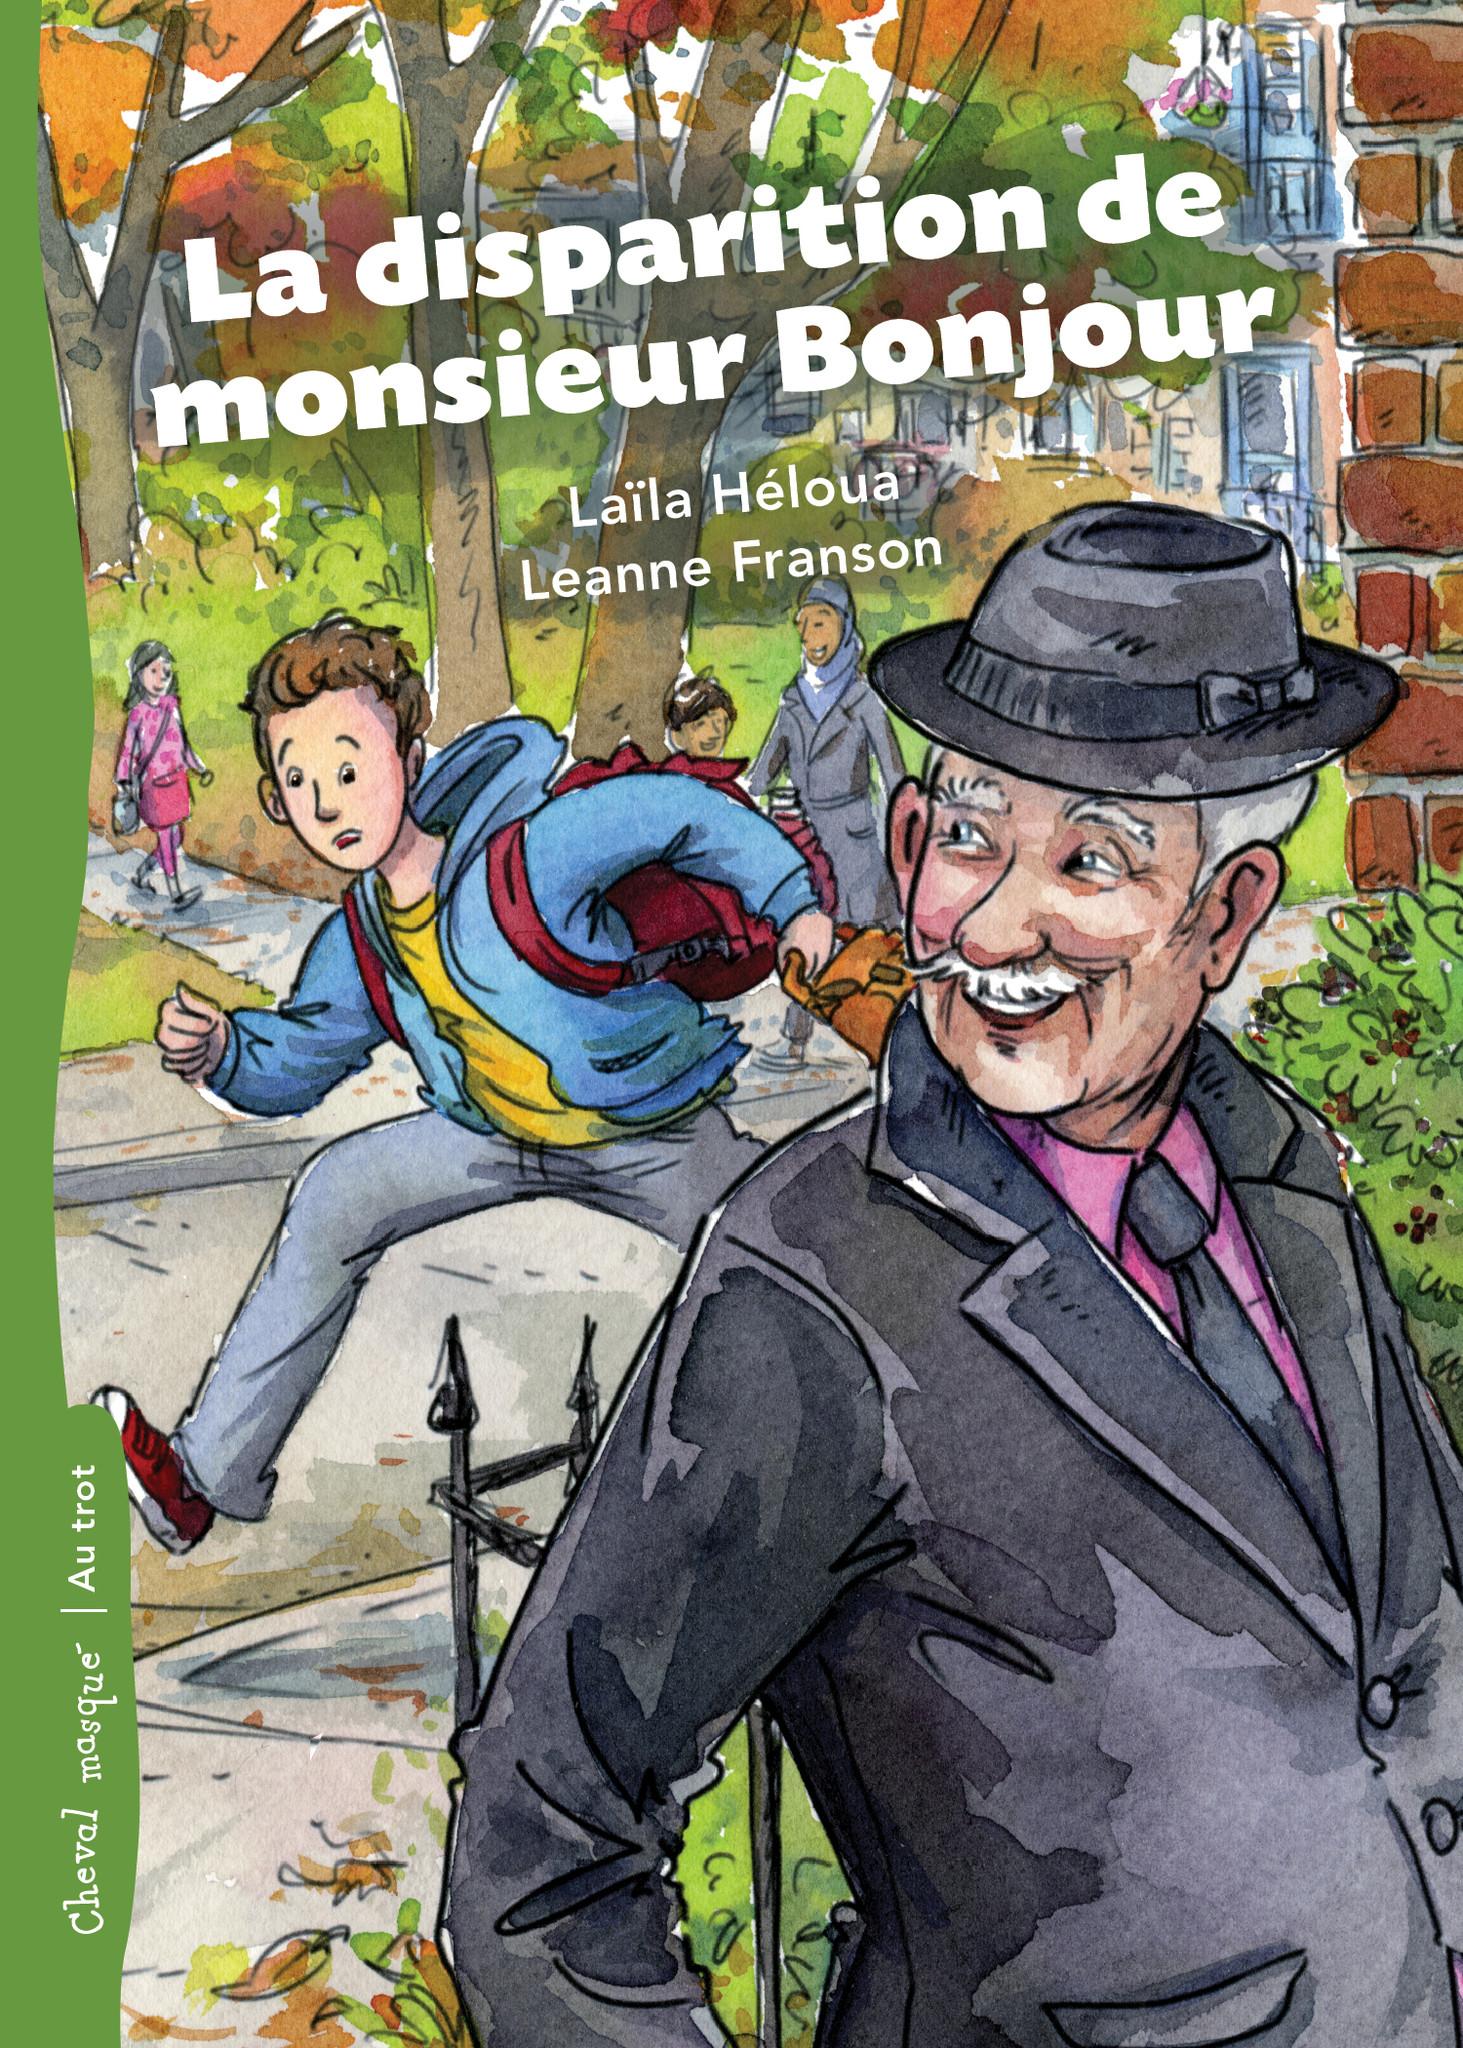 La disparition de monsieur Bonjour